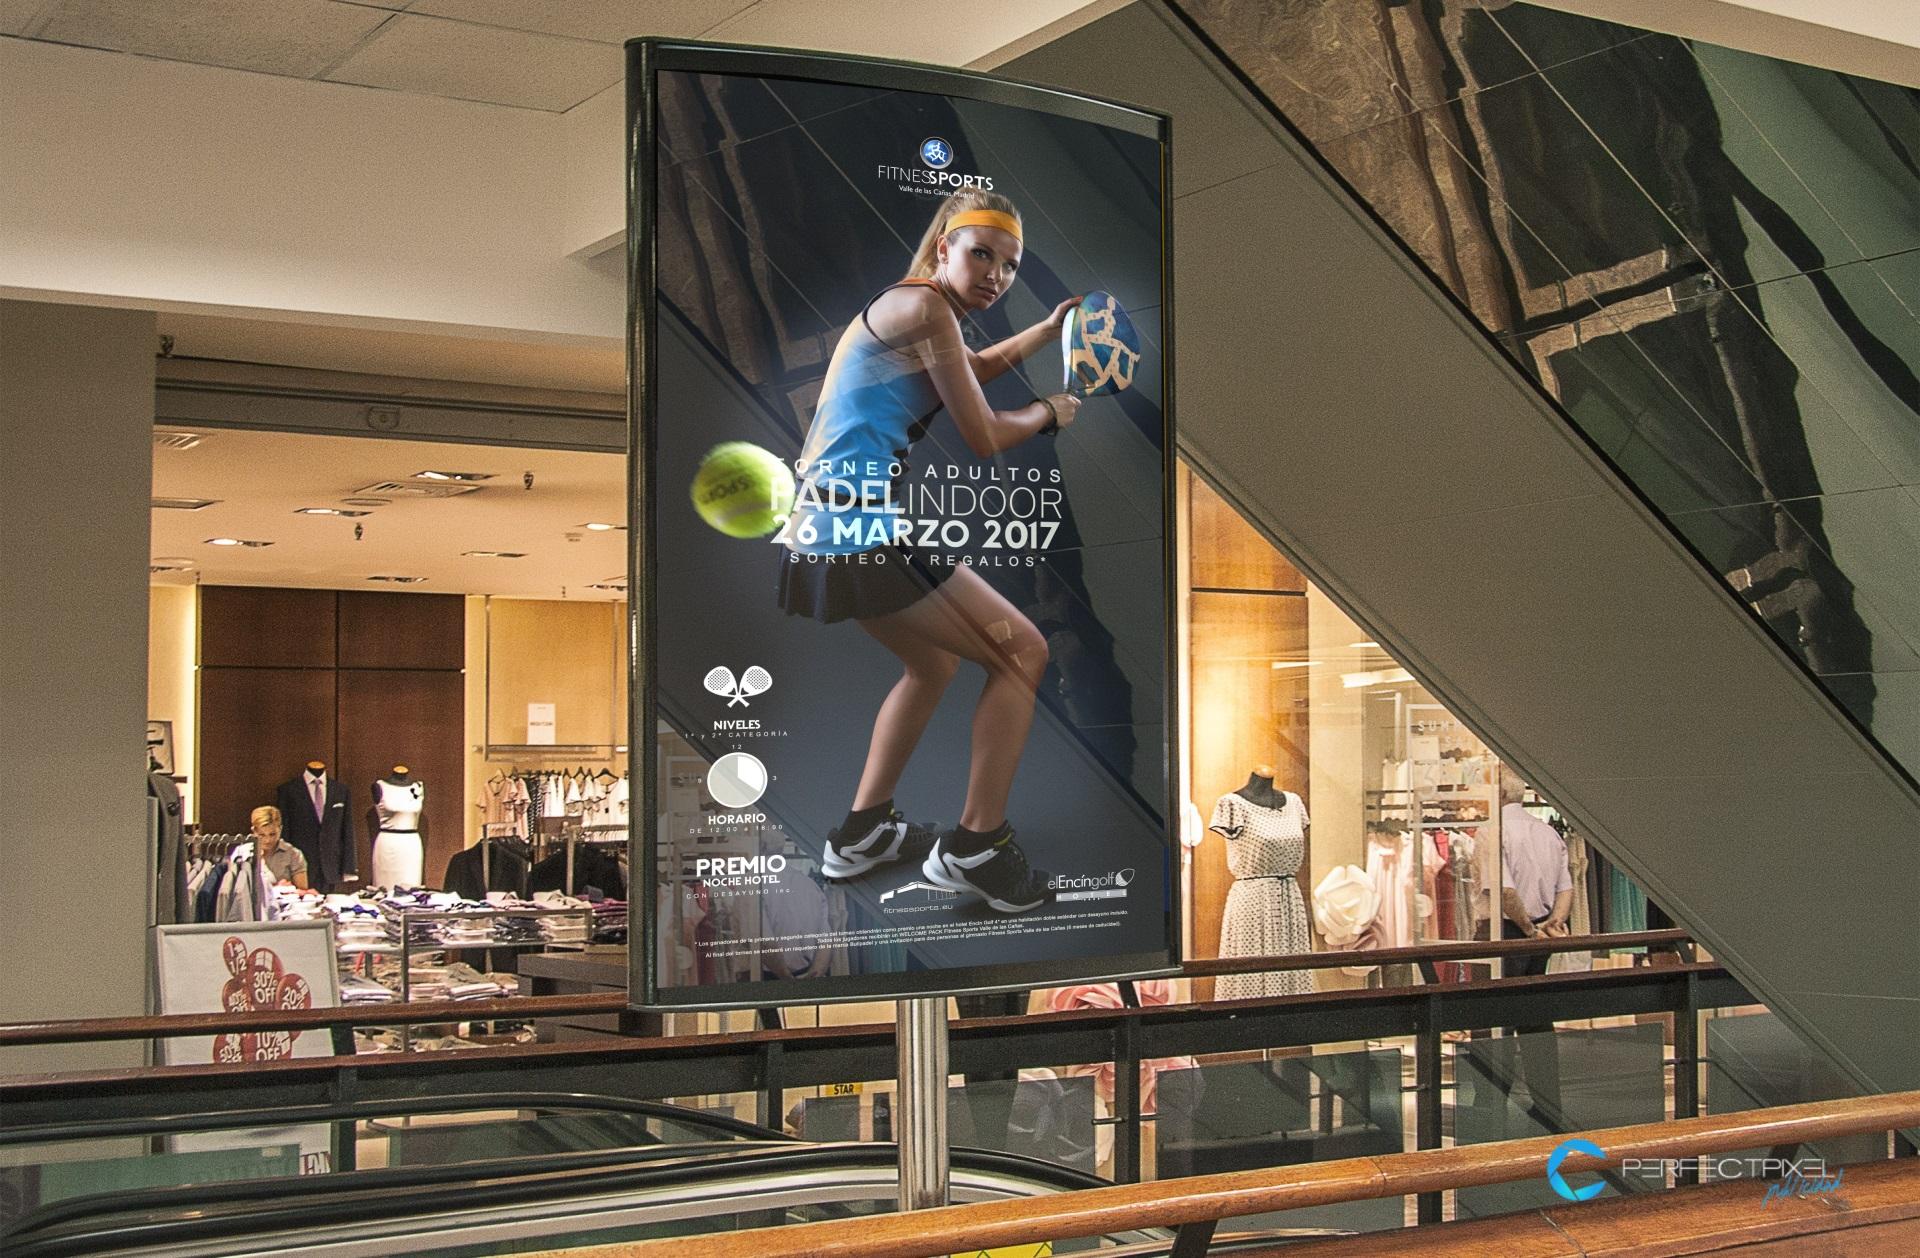 Diseño Cartelería torneo de pádel indoor - Fitness Sports Valle las Cañas